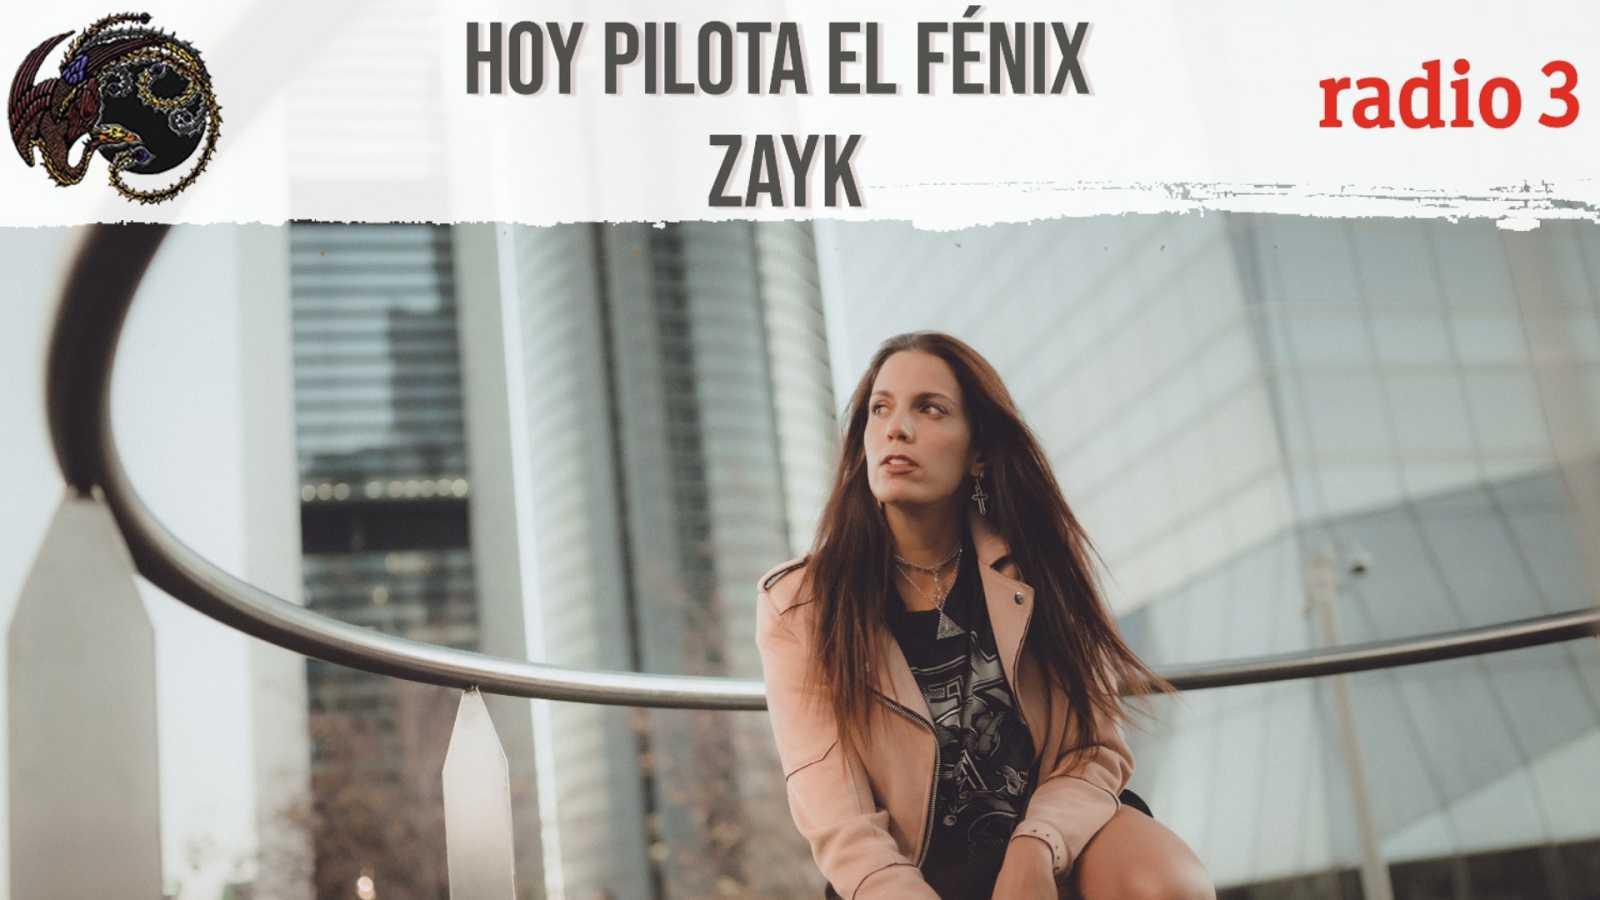 El Vuelo del Fénix - Hoy pilota el Fénix Zayk - 29/03/21 - escuchar ahora